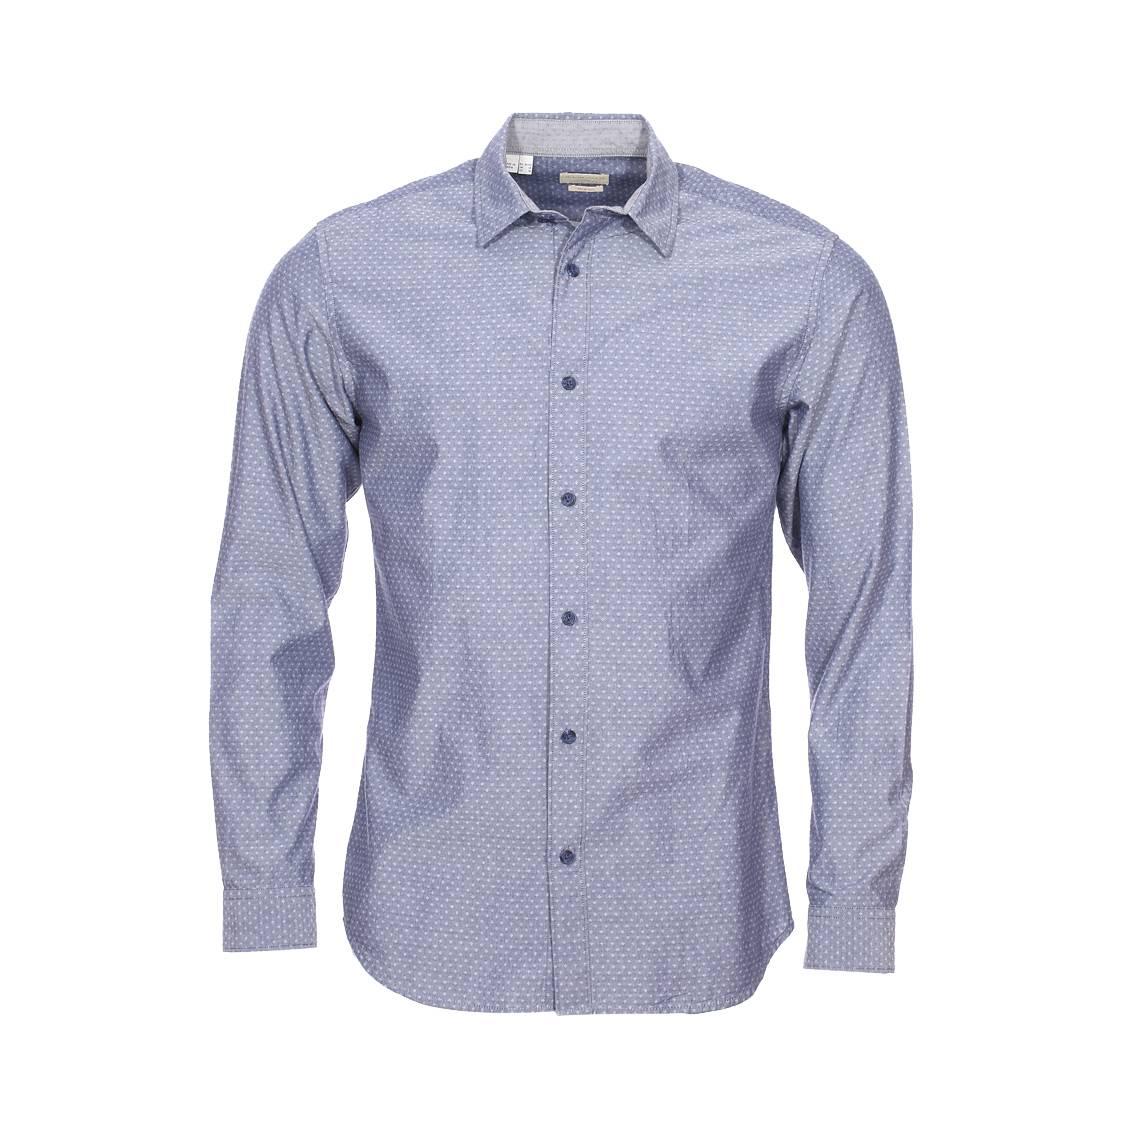 Chemise cintrée  en coton bleu effet jean à petits motifs blancs